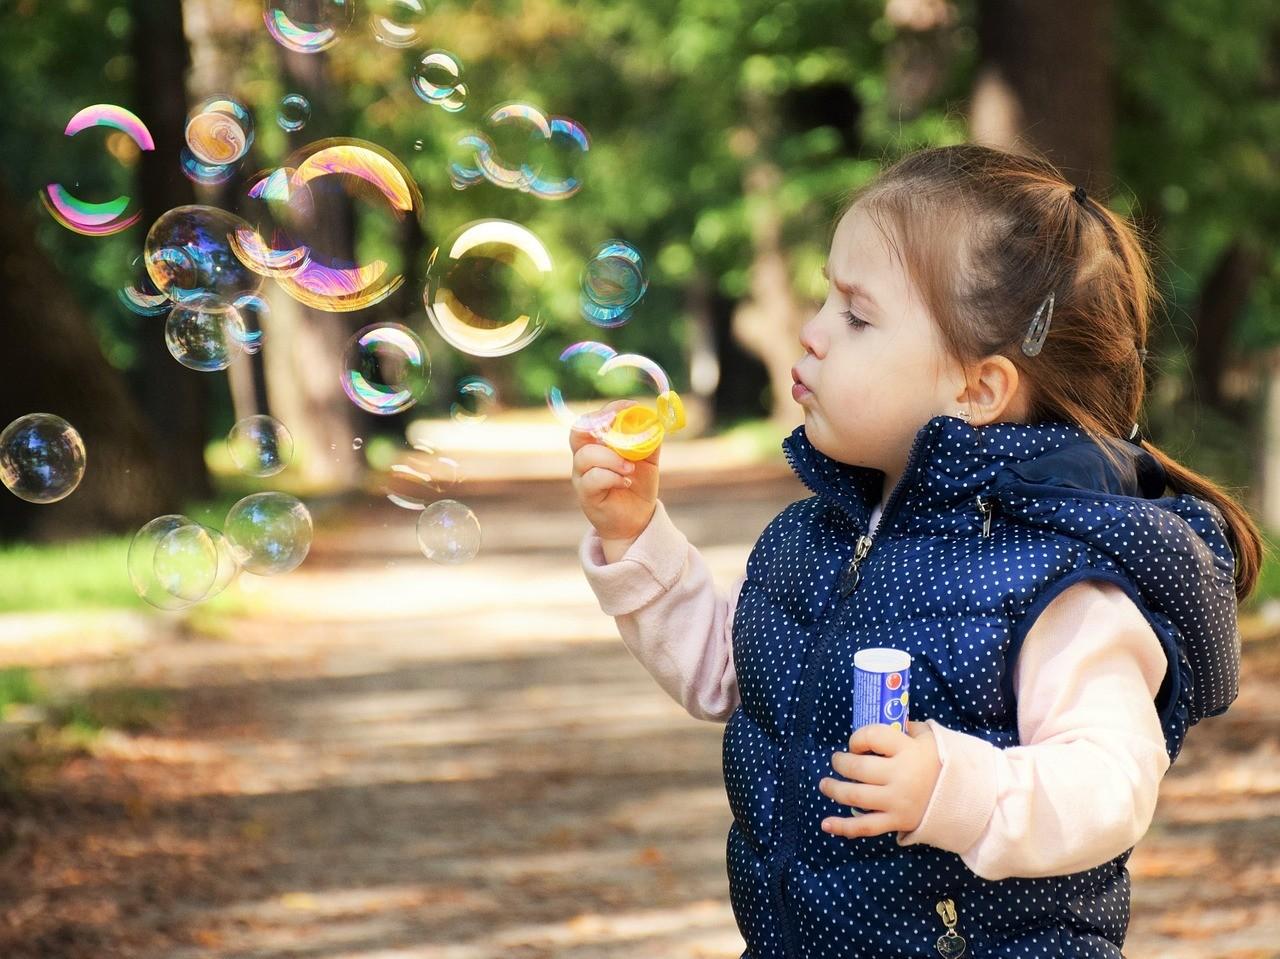 106 скороговорок для развития речи и дикции детей и взрослых